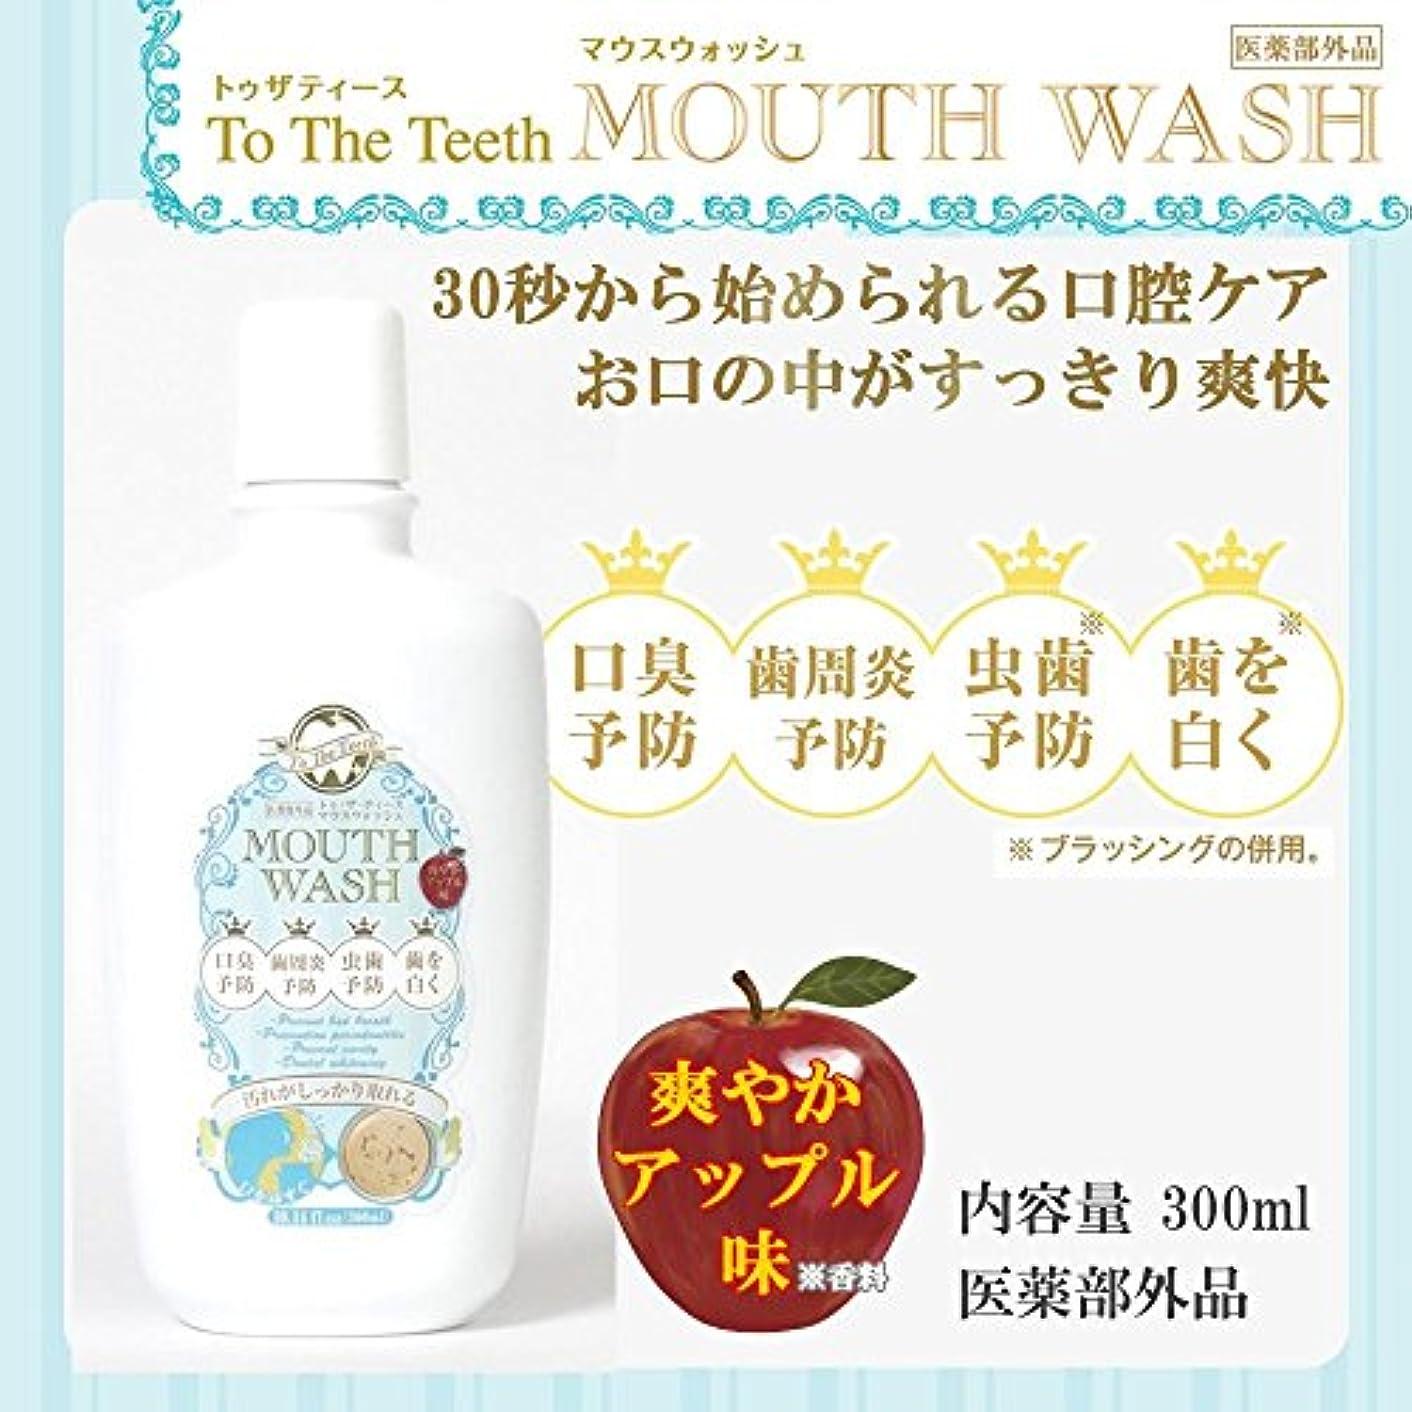 To The Teeth(トゥ?ザ?ティース) マウスウォッシュ 医薬部外品 300ml